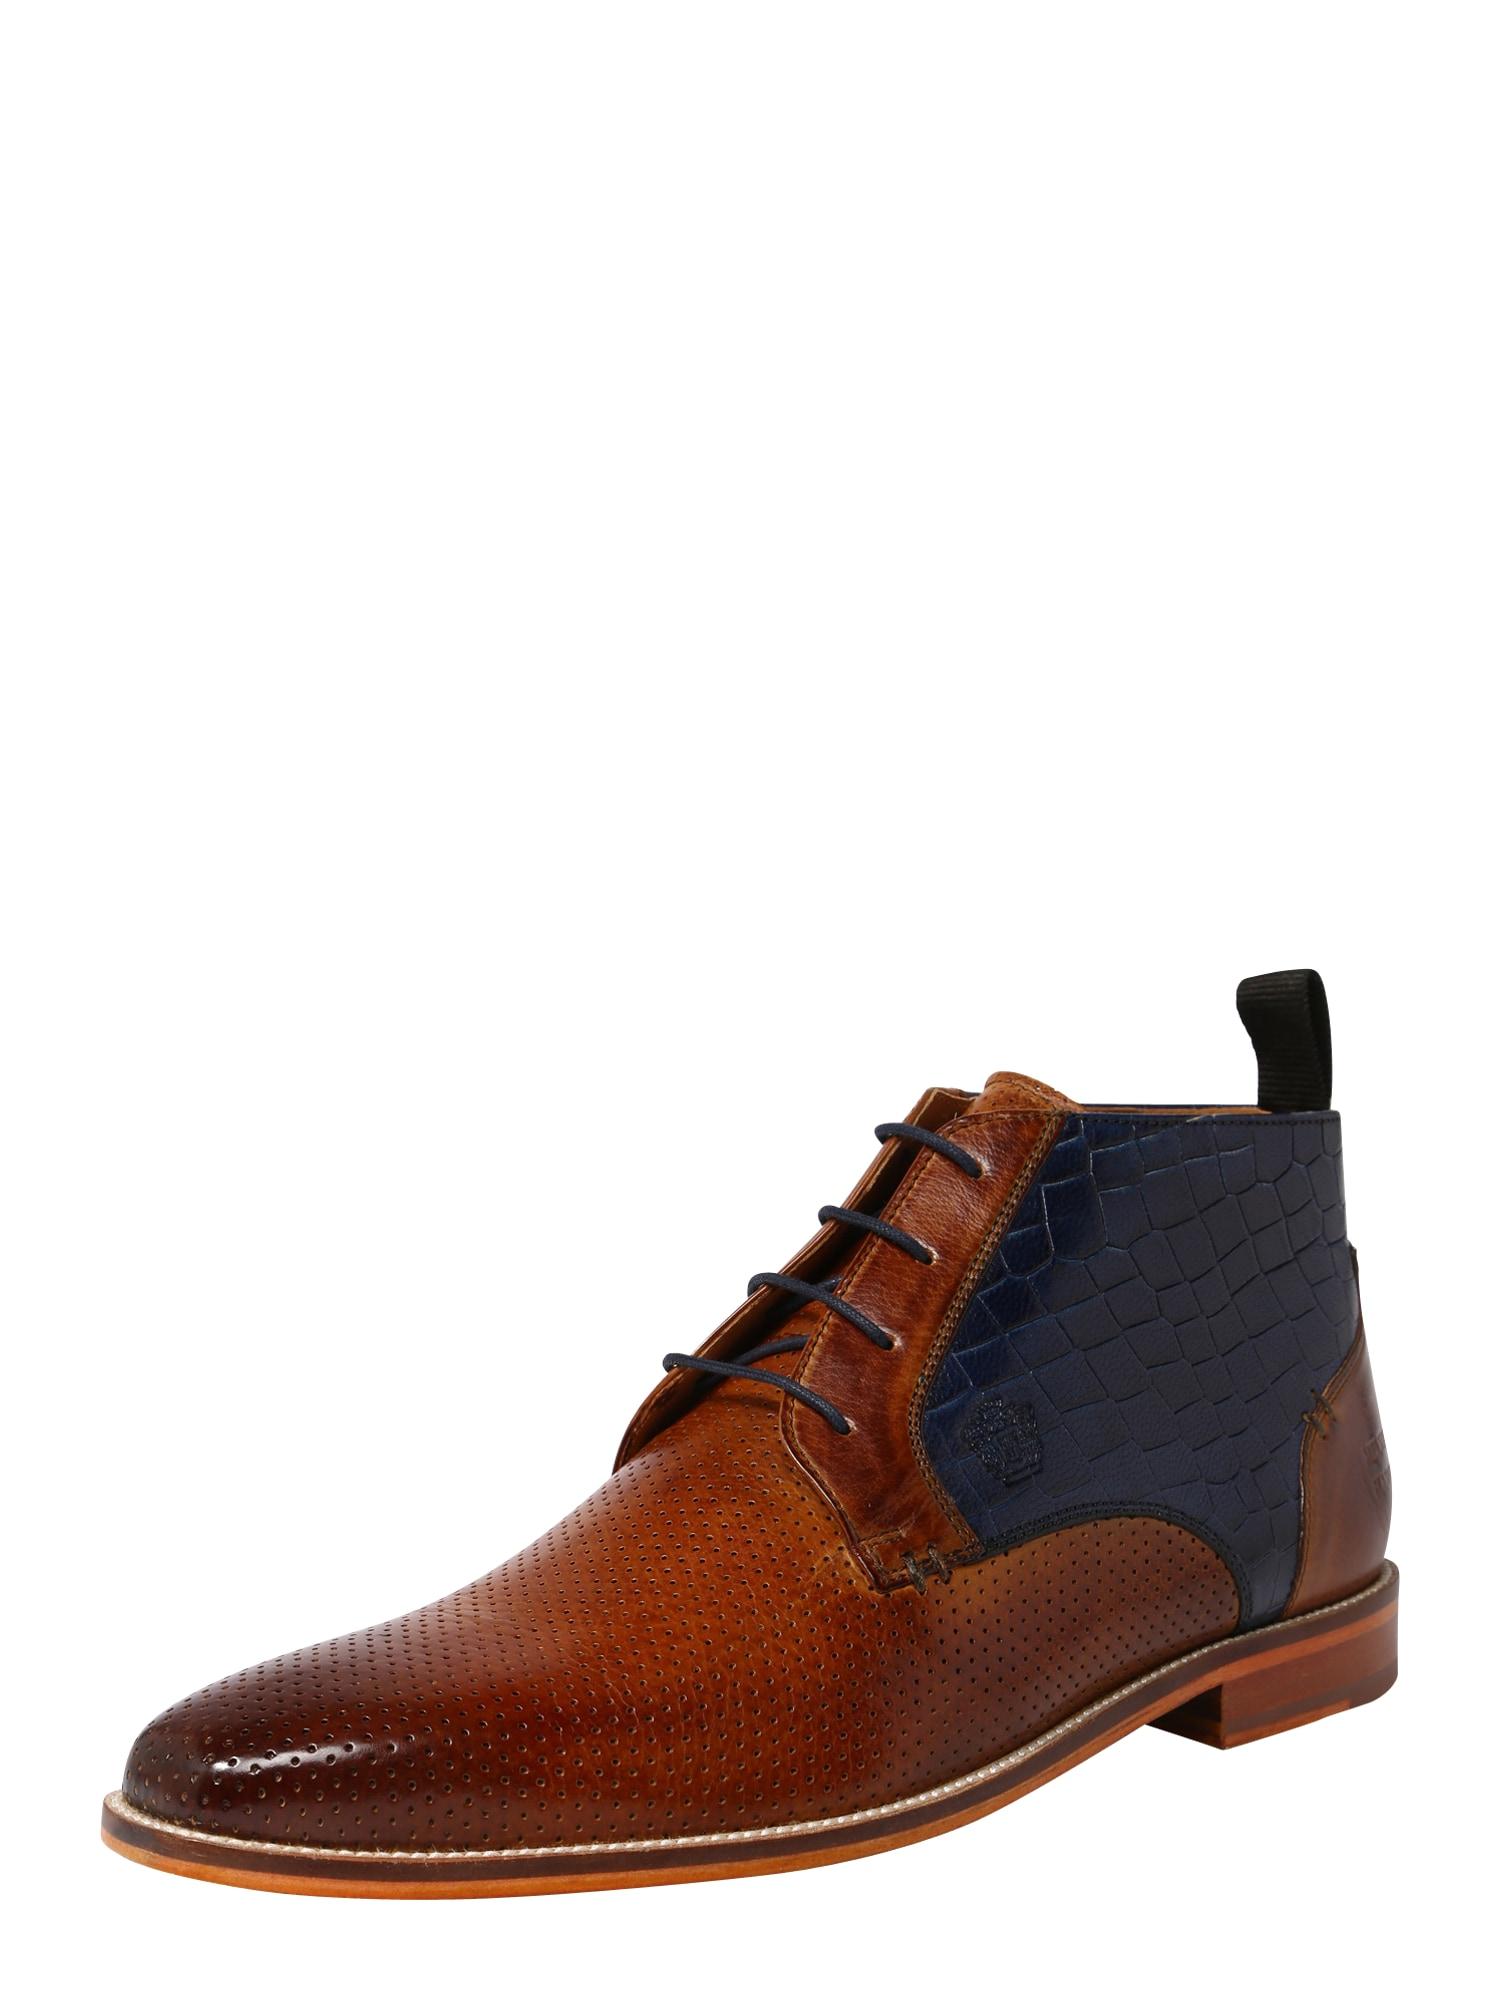 Šněrovací boty Alex 11 námořnická modř hnědá MELVIN & HAMILTON